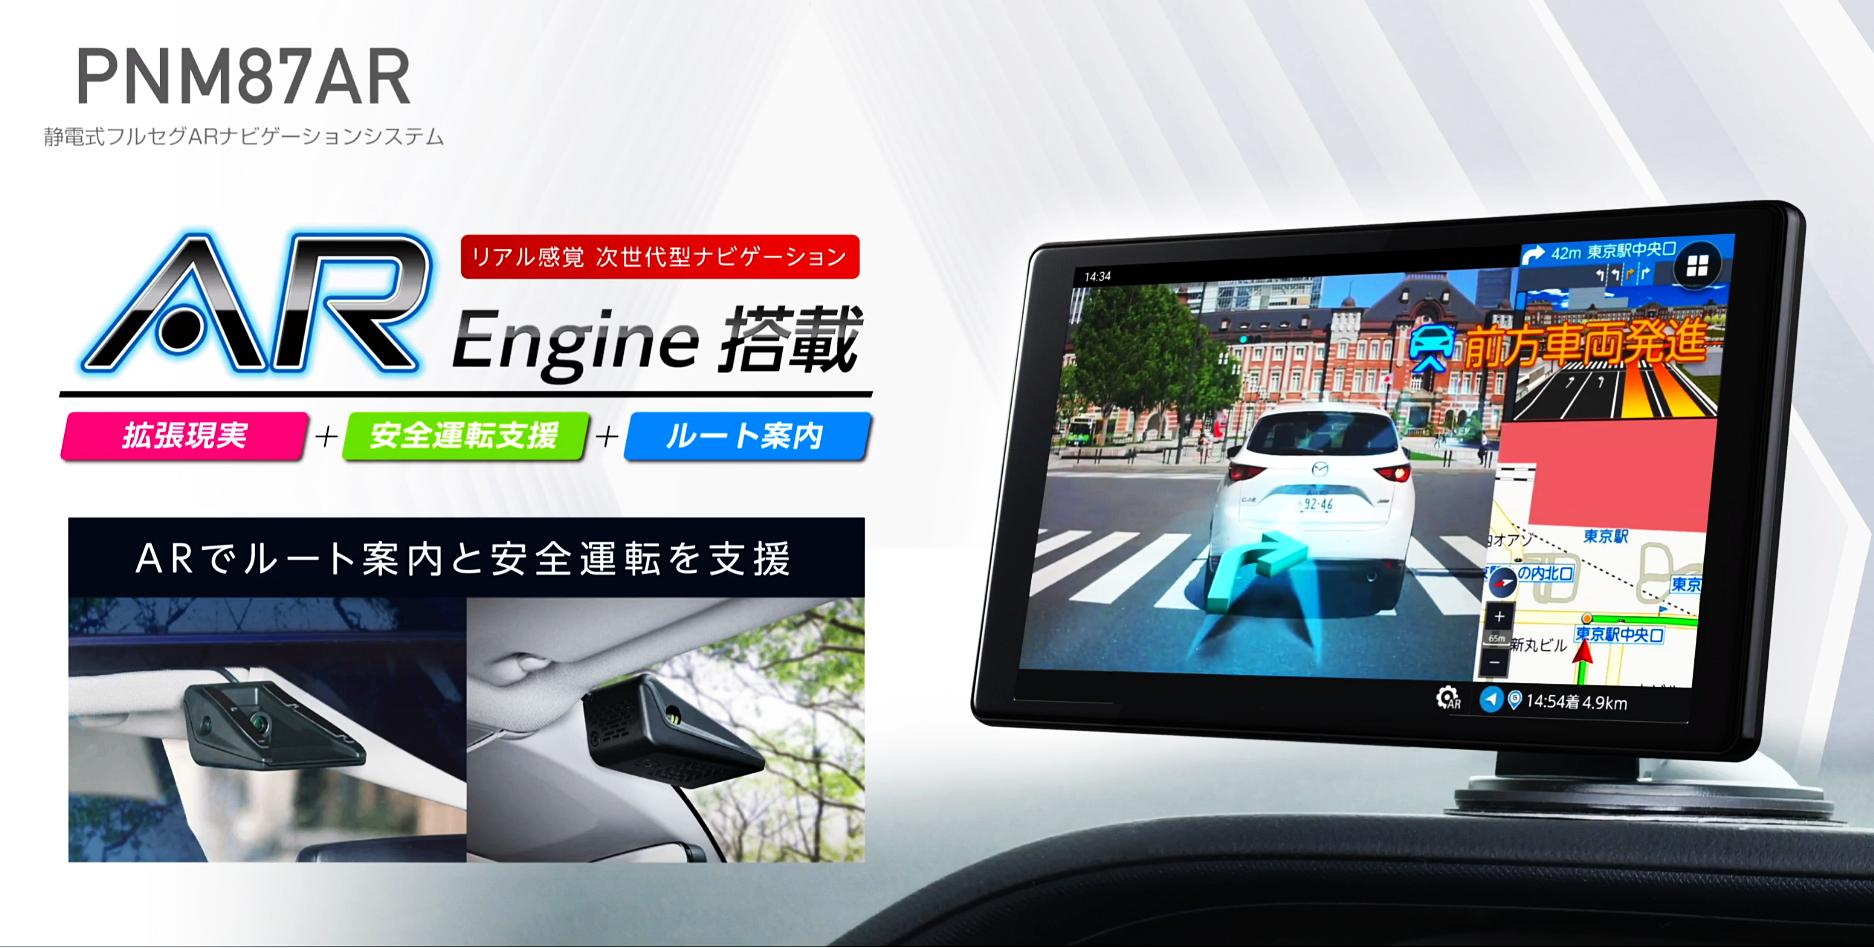 ARカメラを搭載した次世代カーナビが登場!ARでルート案内と安全運転をサポート